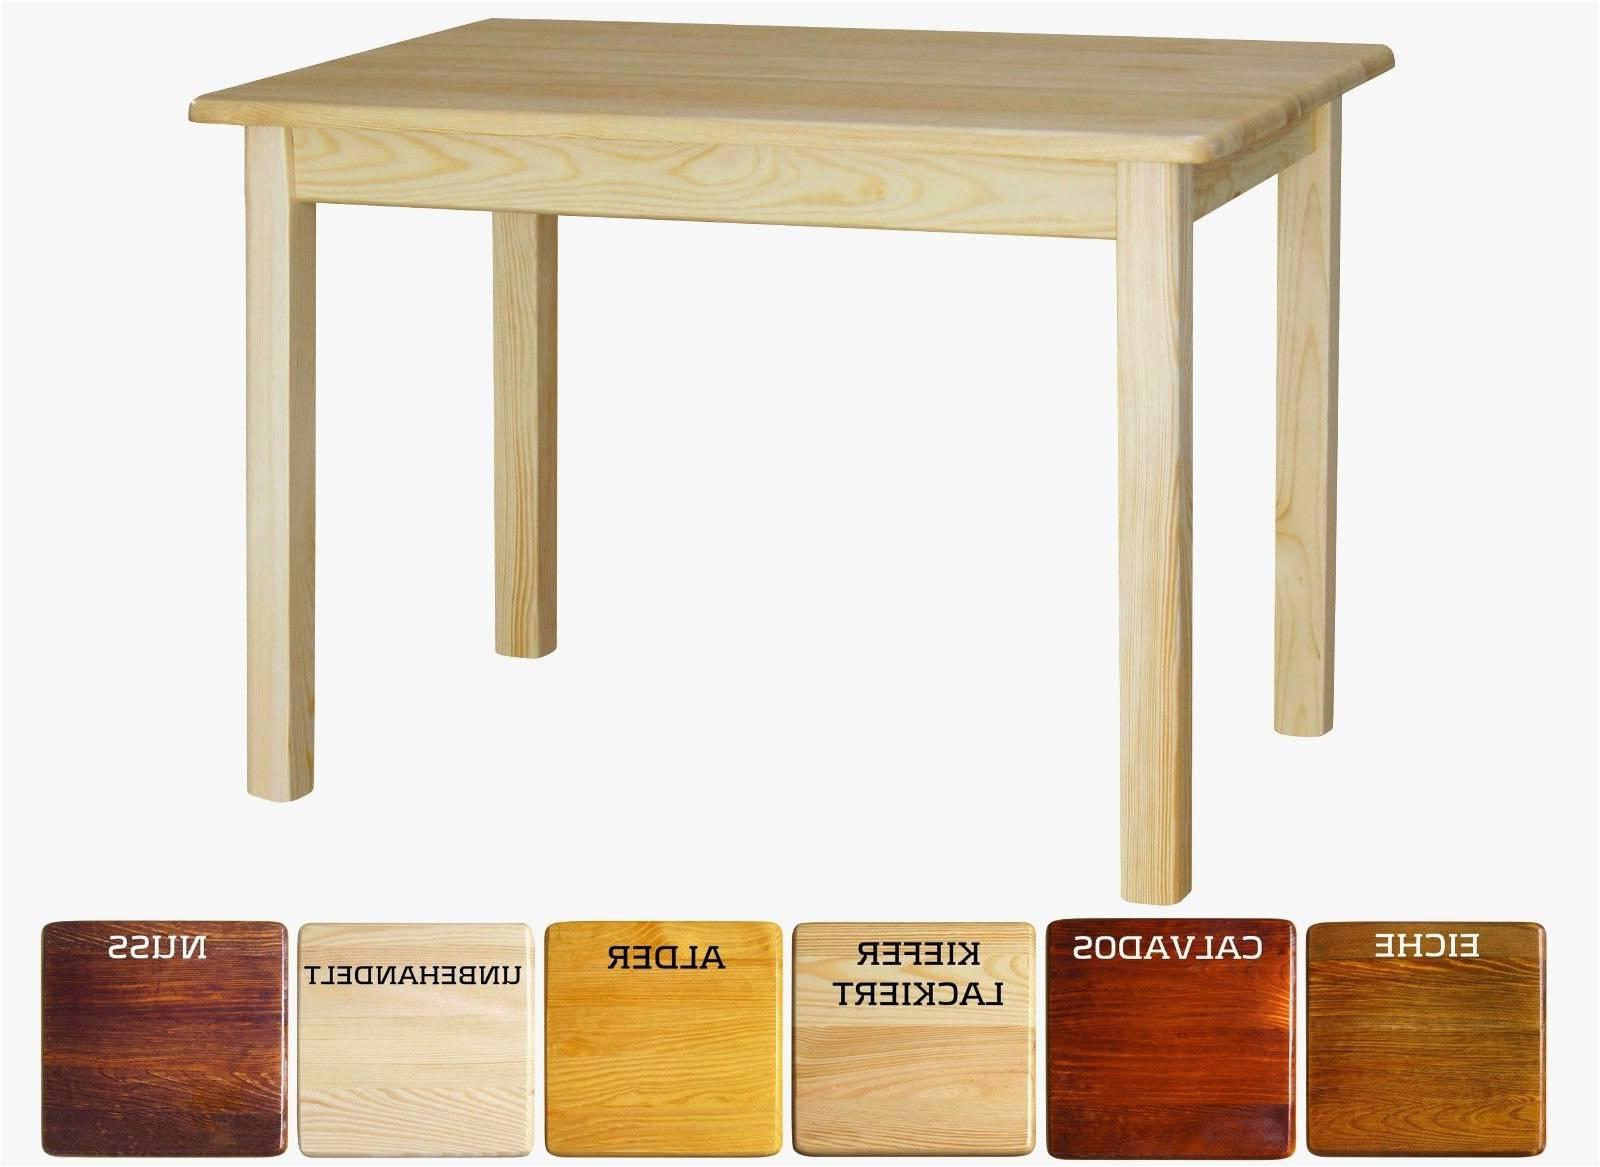 Küchentisch Inea Esstisch Ikea Weiß